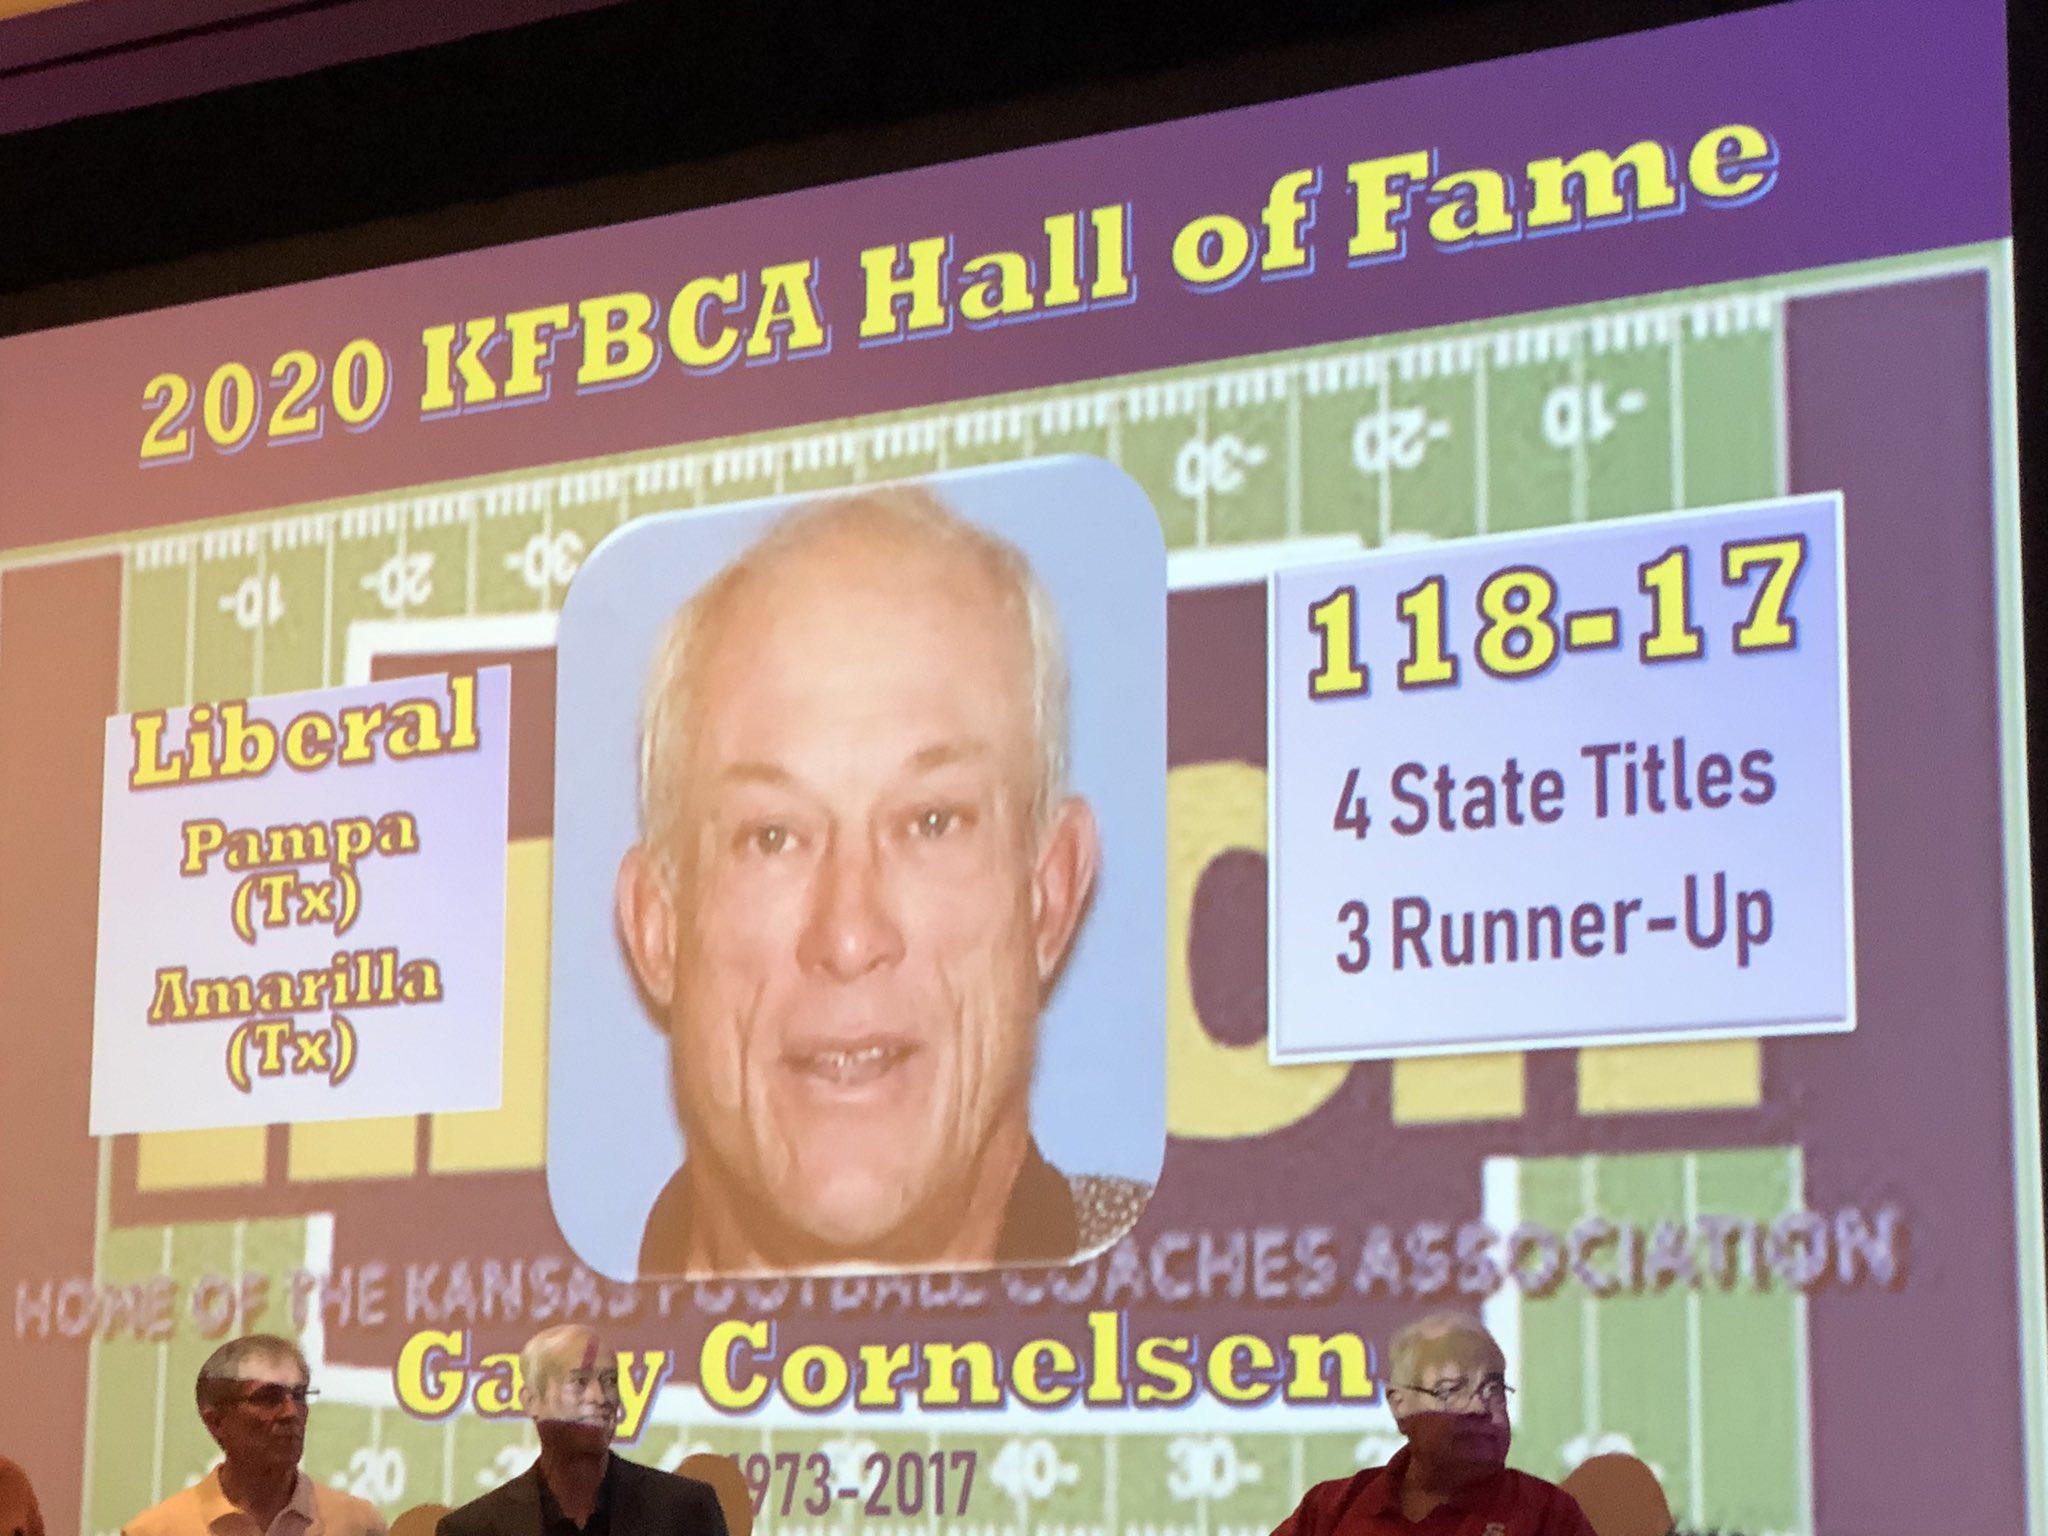 Cornelsen Part of KFBCA's First Hall of Fame Class